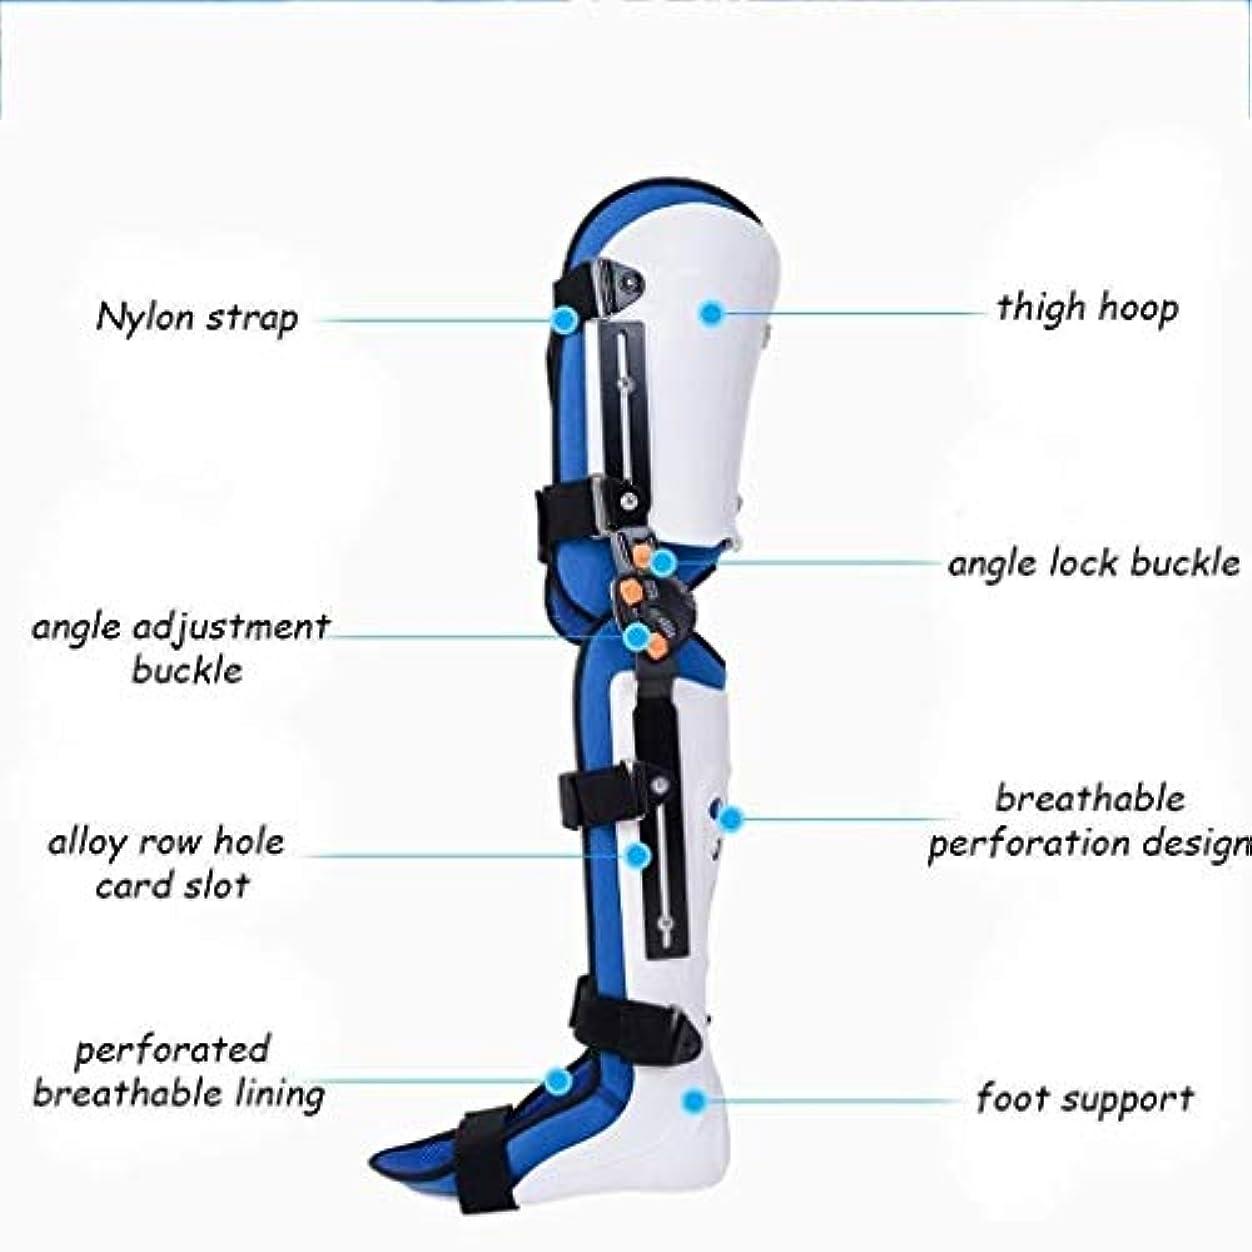 デコレーションドメイン七面鳥膝ブレースヒンジ付きヒンジスタビライザー膝関節サポート装具靭帯ケア膝ブレースプロテクター関節炎、術後、メニスカスティア、ACL、MCL、PCL (Color : As Picture, Size : Right)